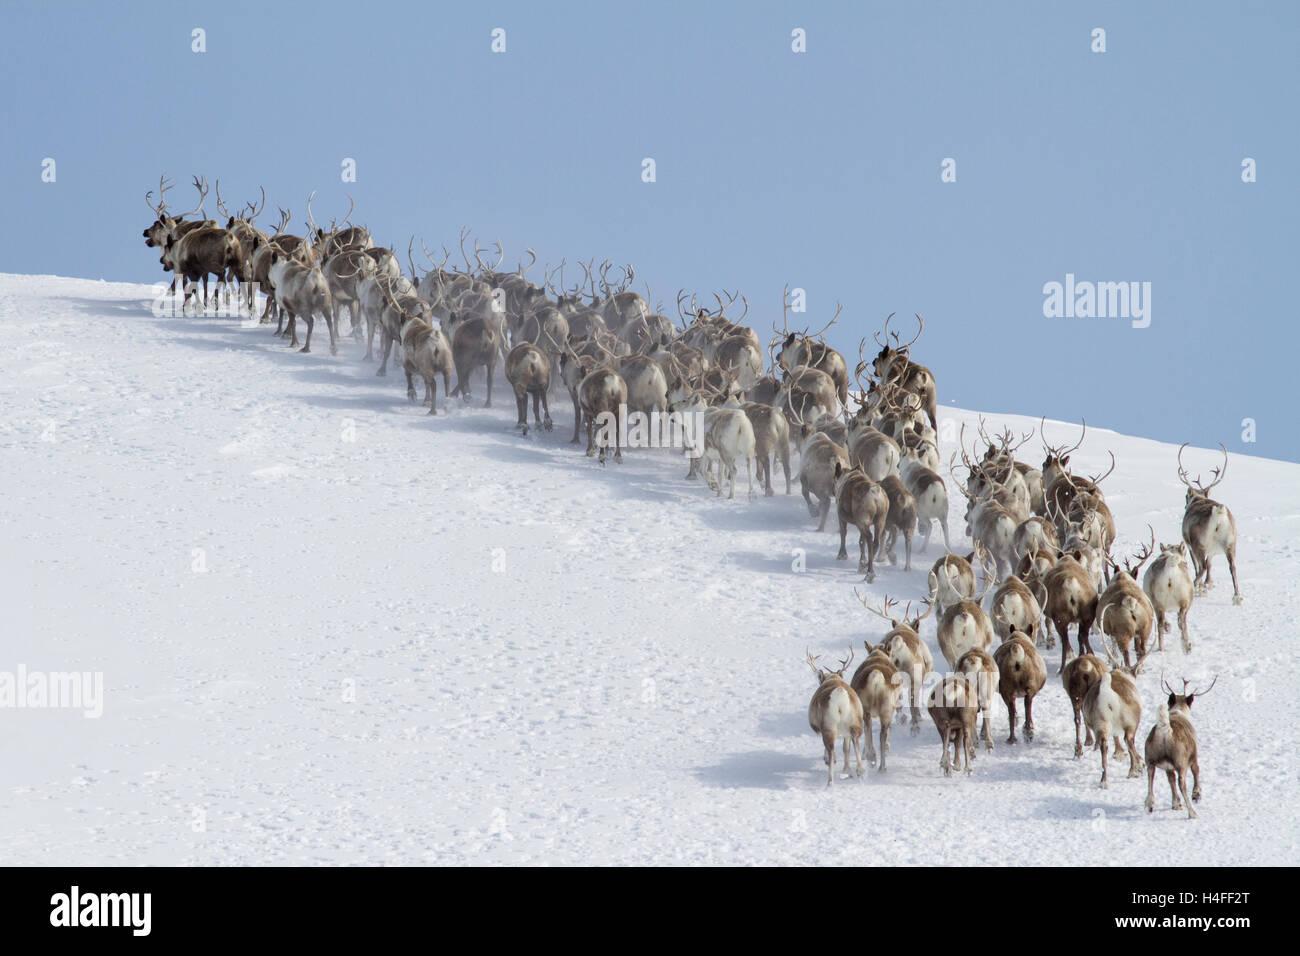 Manada de renos corriendo alrededor de la montaña soleado día de invierno Imagen De Stock